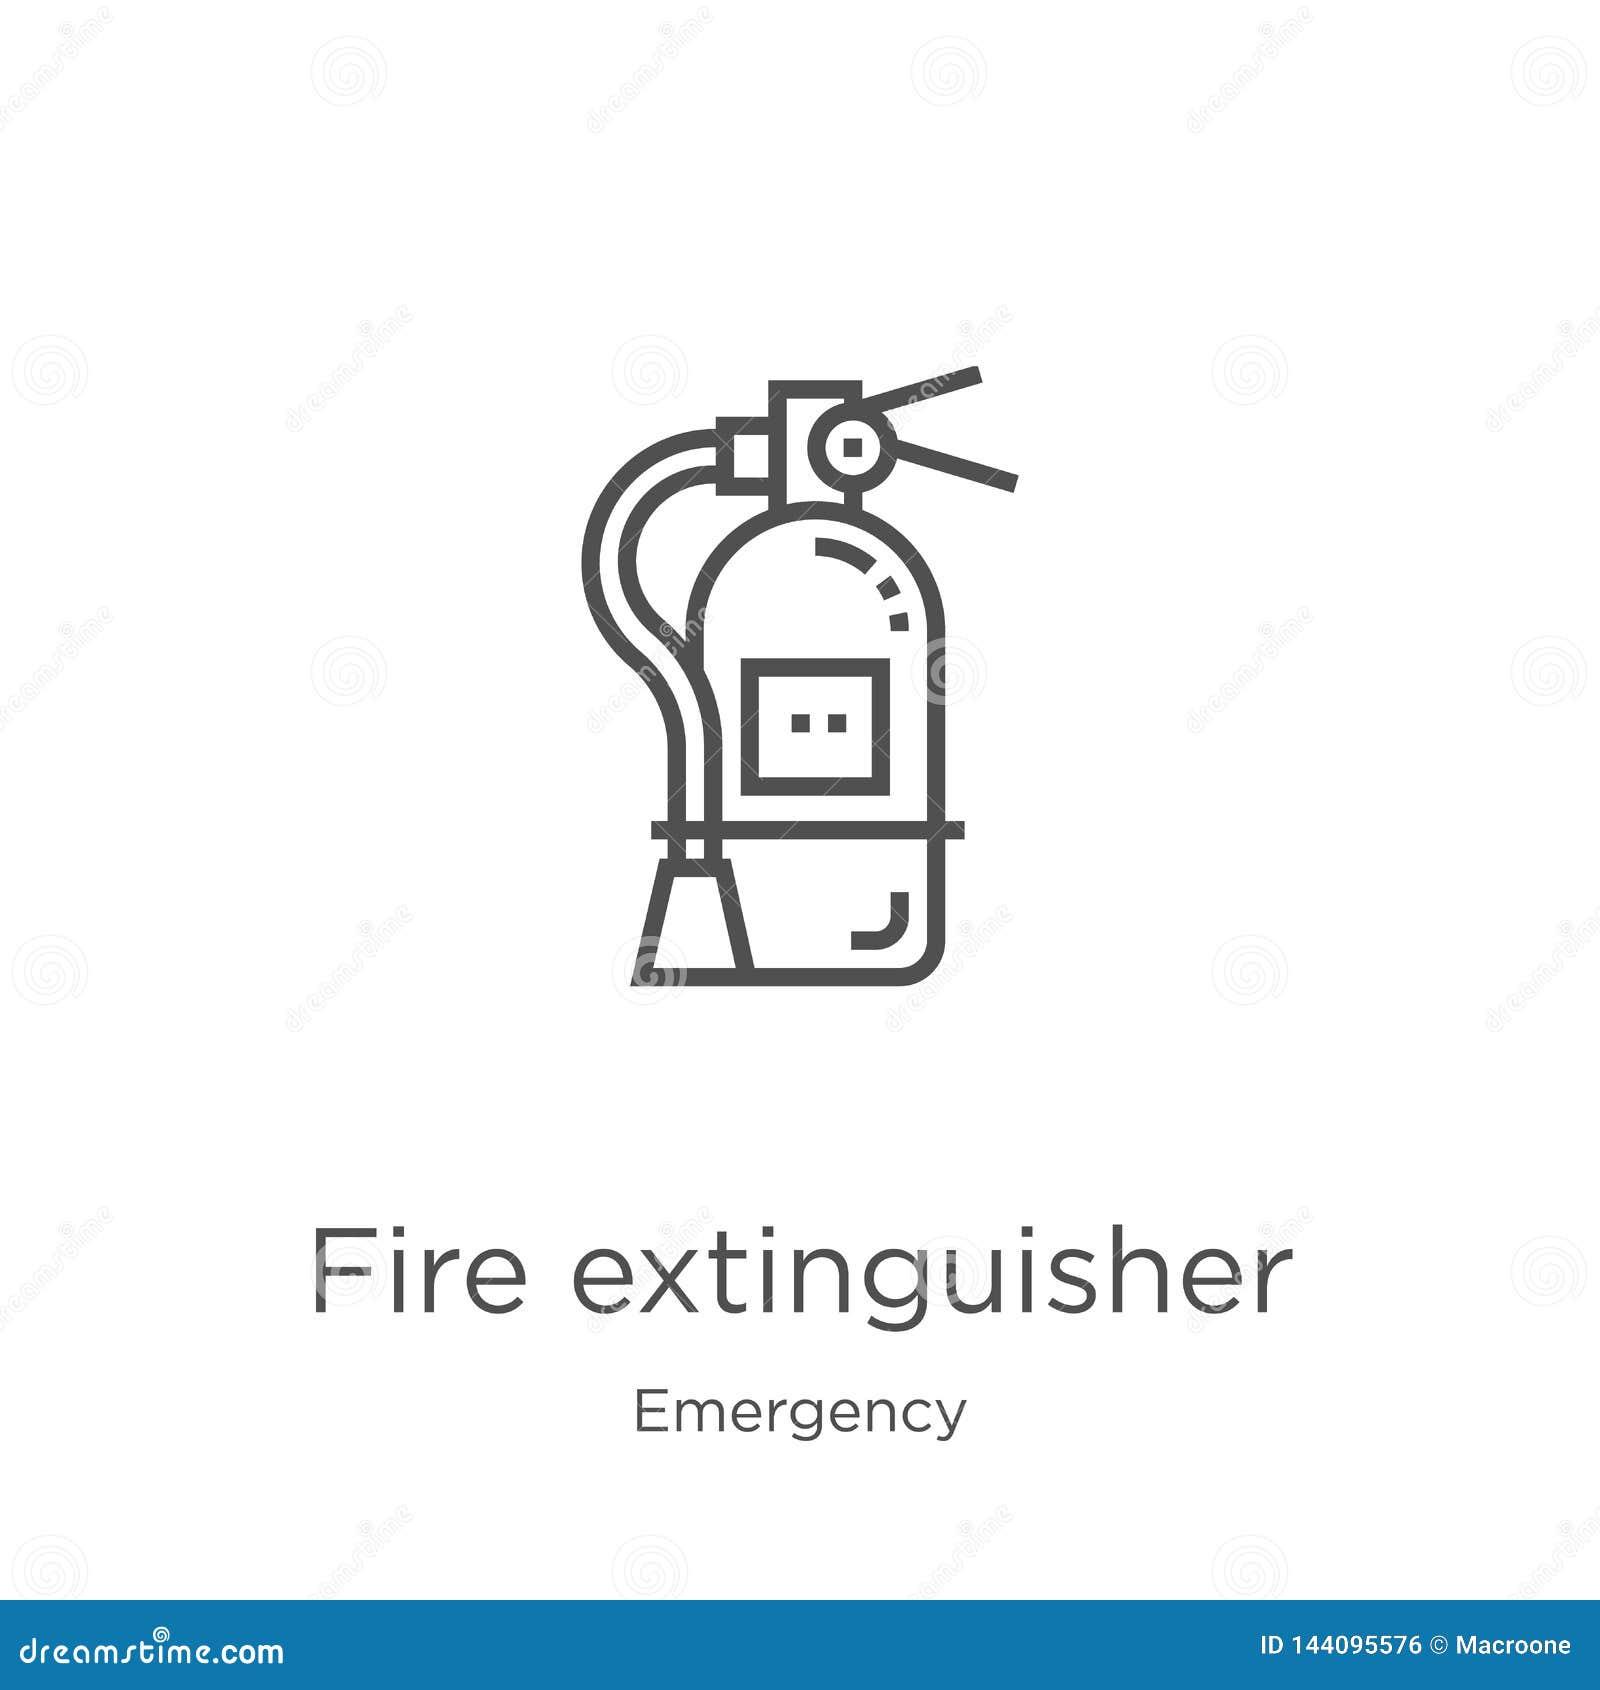 διάνυσμα εικονιδίων πυροσβεστήρων από τη συλλογή έκτακτης ανάγκης Λεπτή διανυσματική απεικόνιση εικονιδίων περιλήψεων πυροσβεστήρ